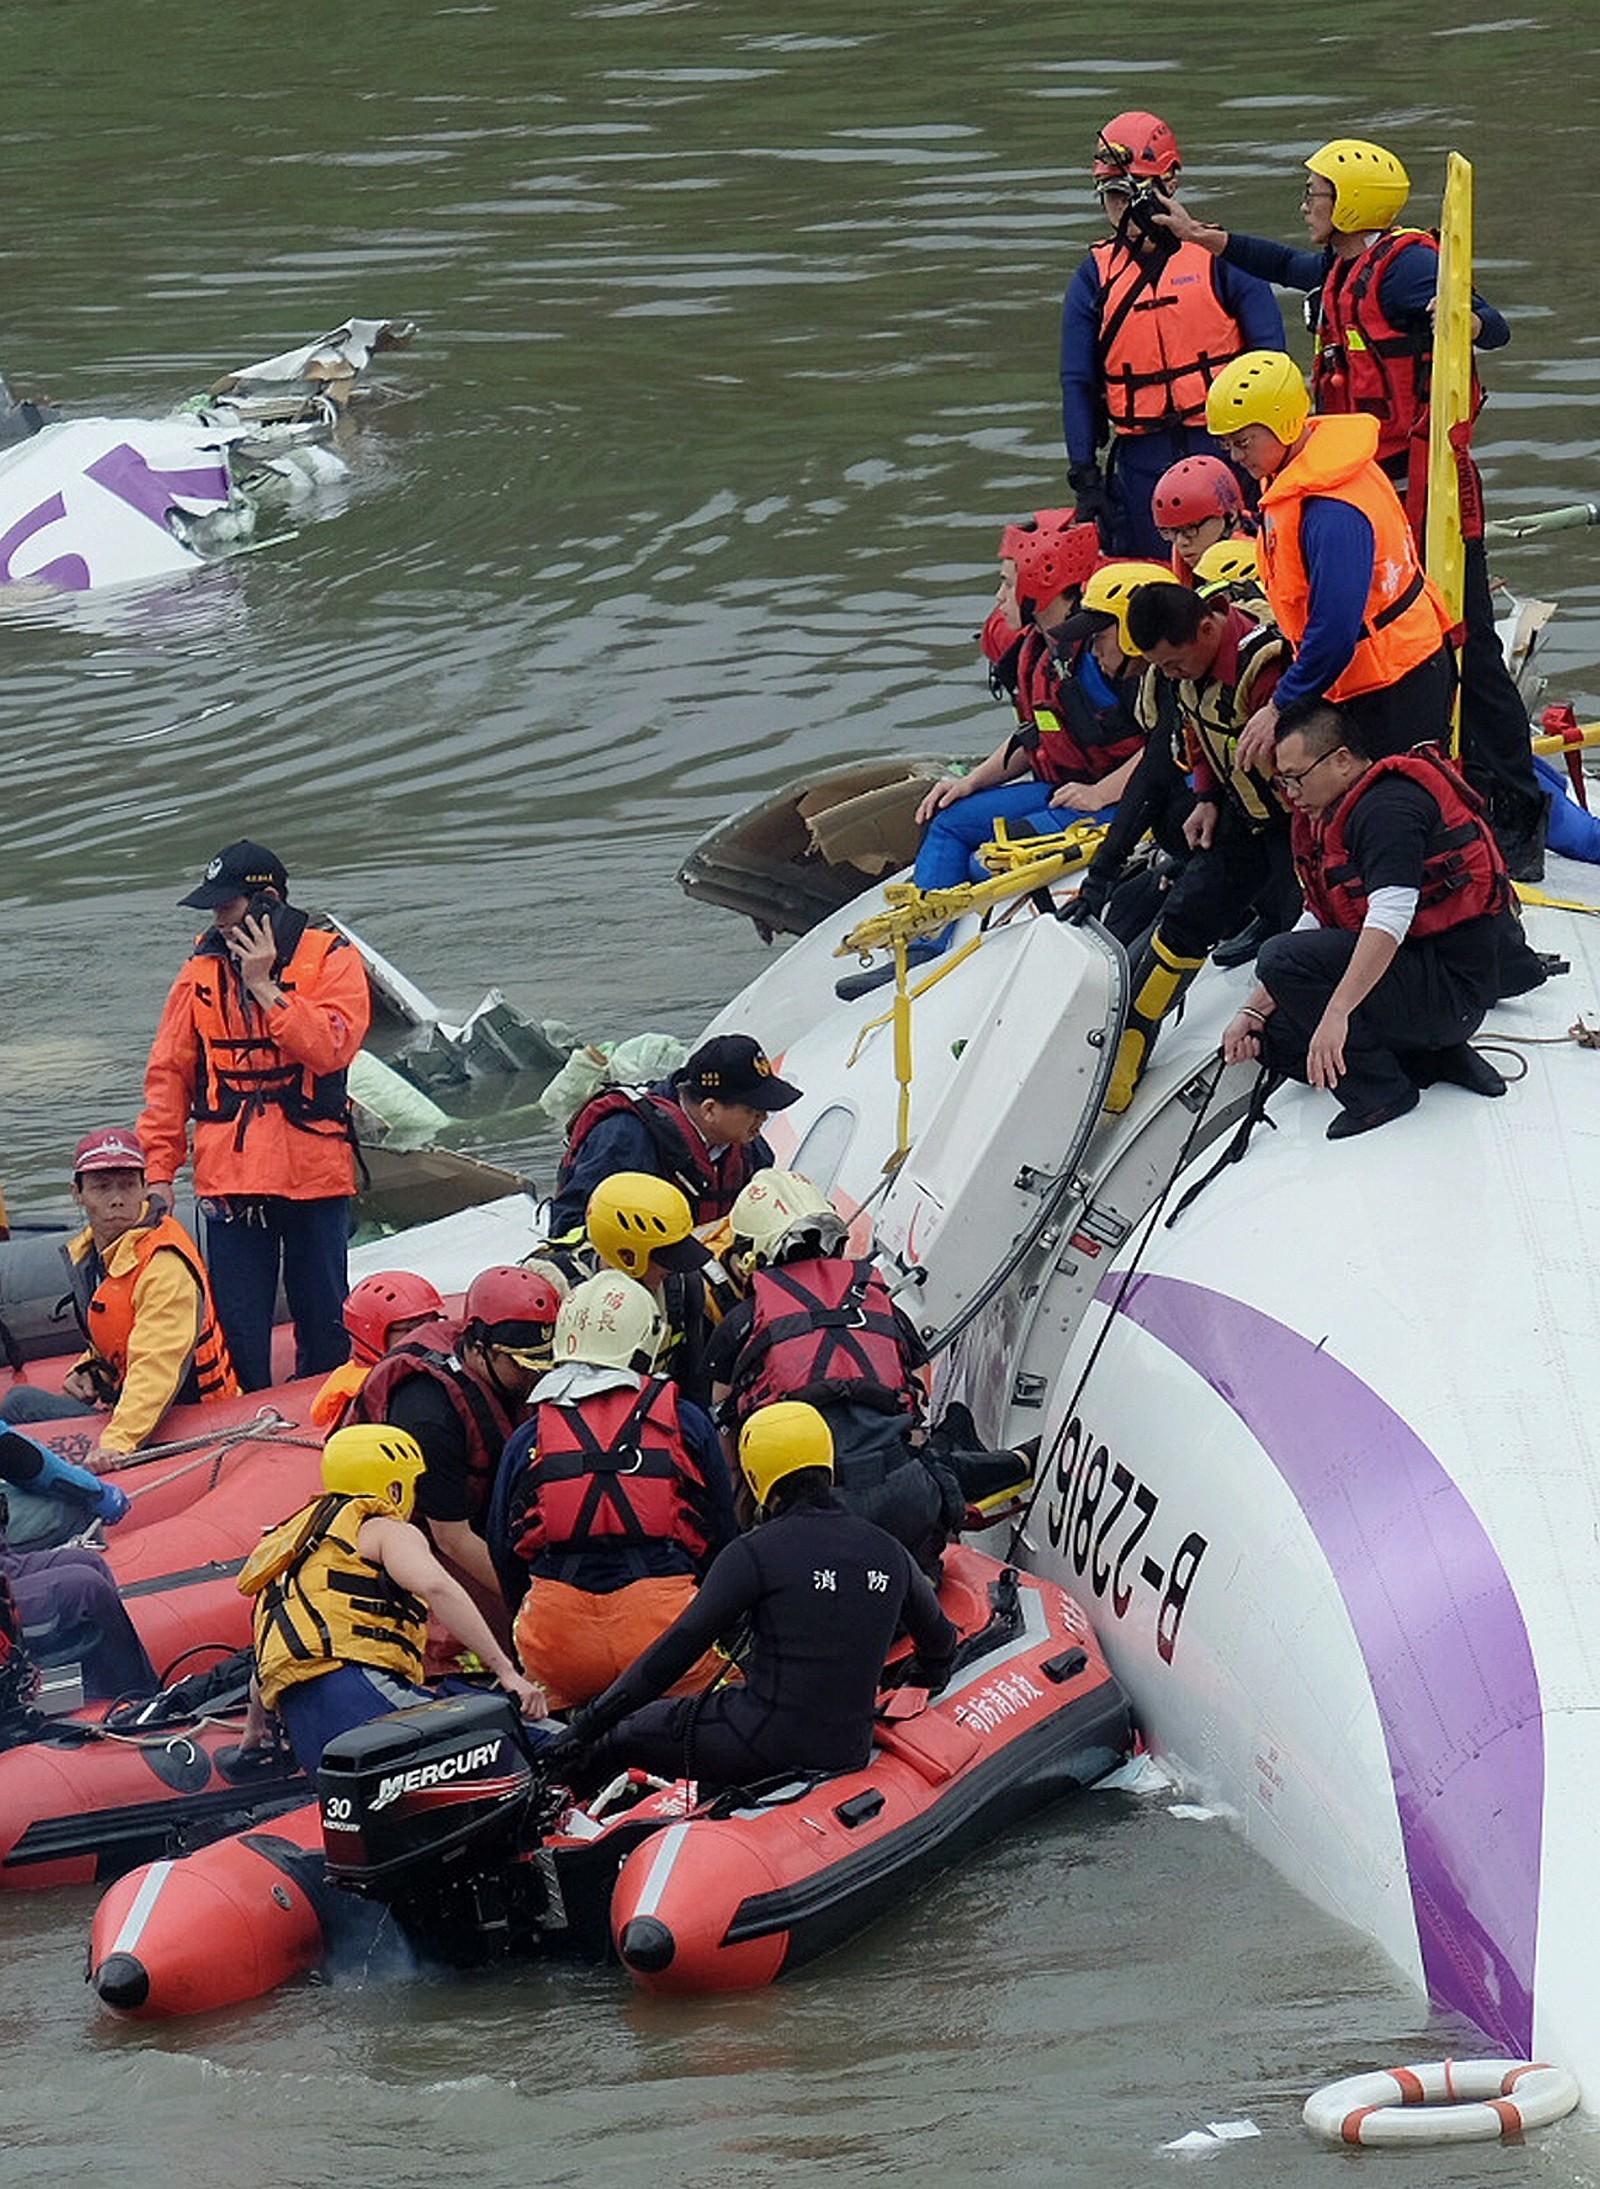 TV-bilder viser at redningsmannskaper i båter kjemper en desperat kamp å hente passasjerene ut av flyvraket.